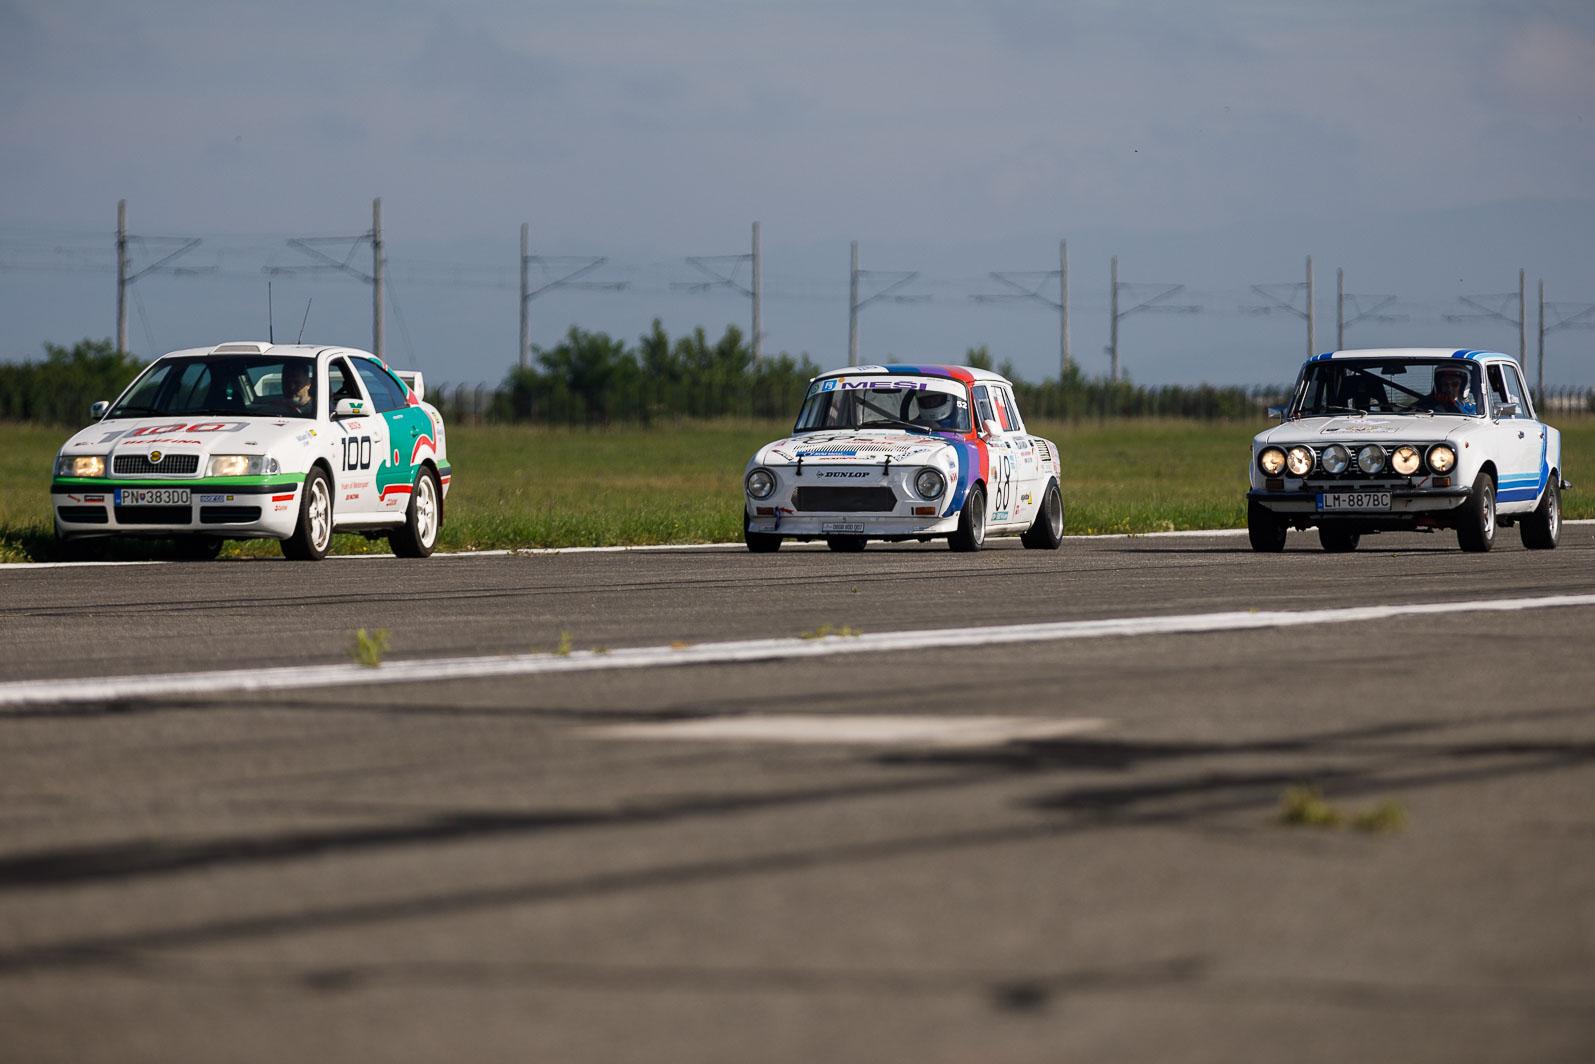 Sezóna pretekárskych veteránov začala Jub1H2FogW piestany-4786